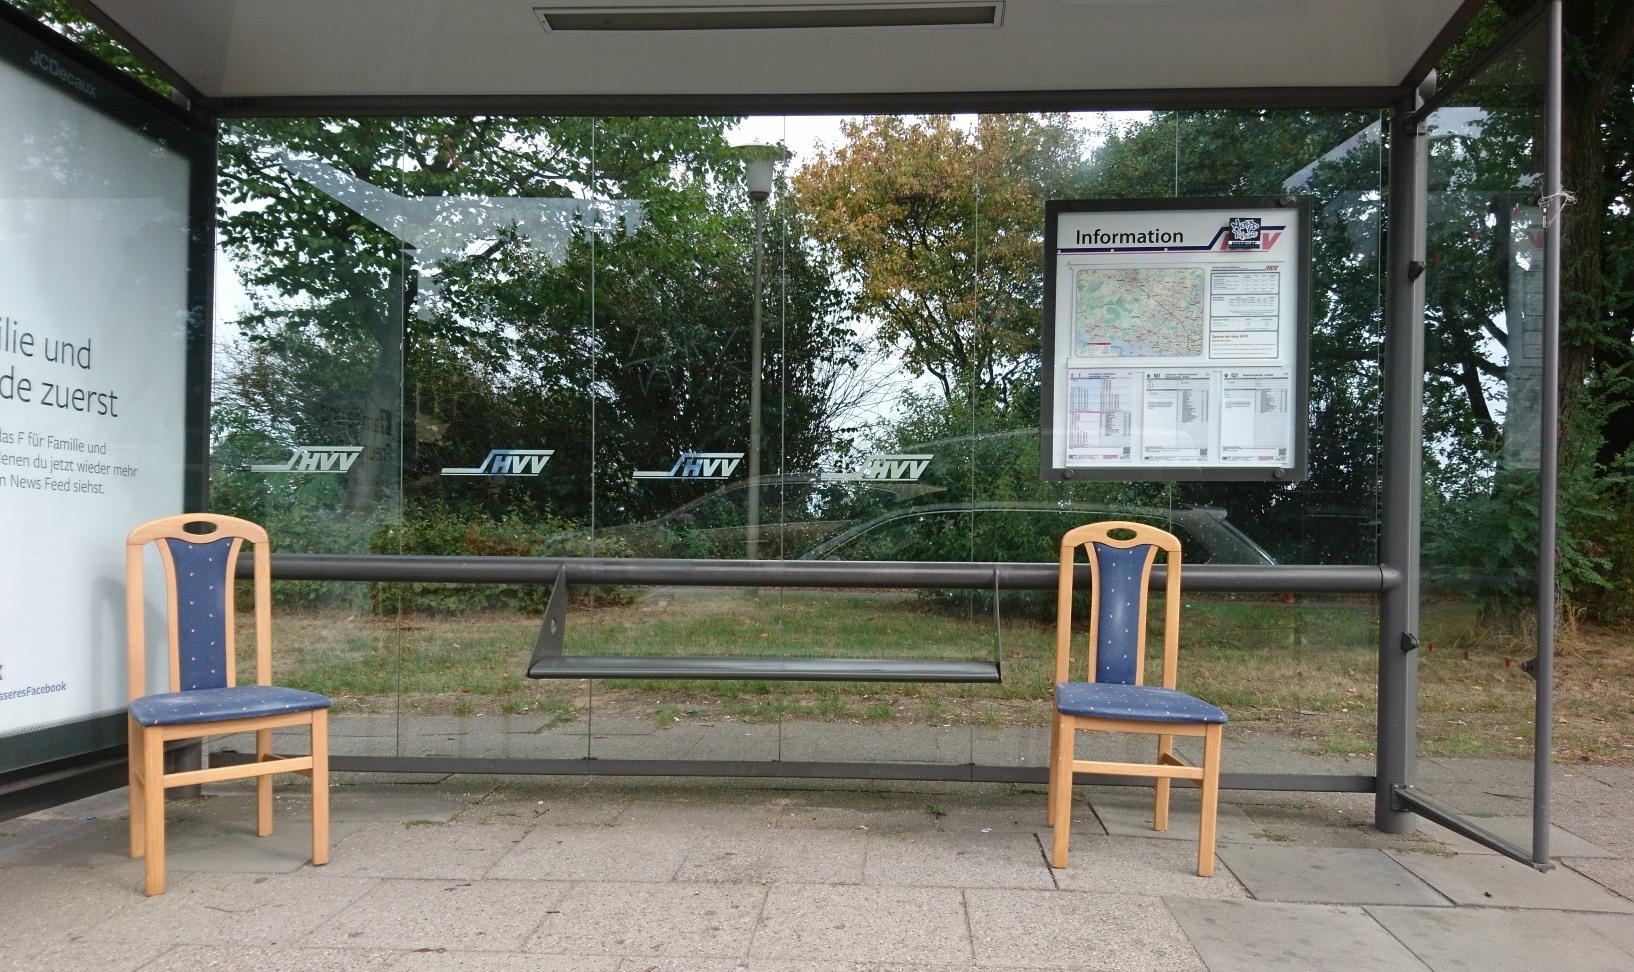 HVV investiert massiv in komfortablere Haltestellensitzmöbel. Gesehen an der Ecke Rugenbarg/Osdorfer Landstraße